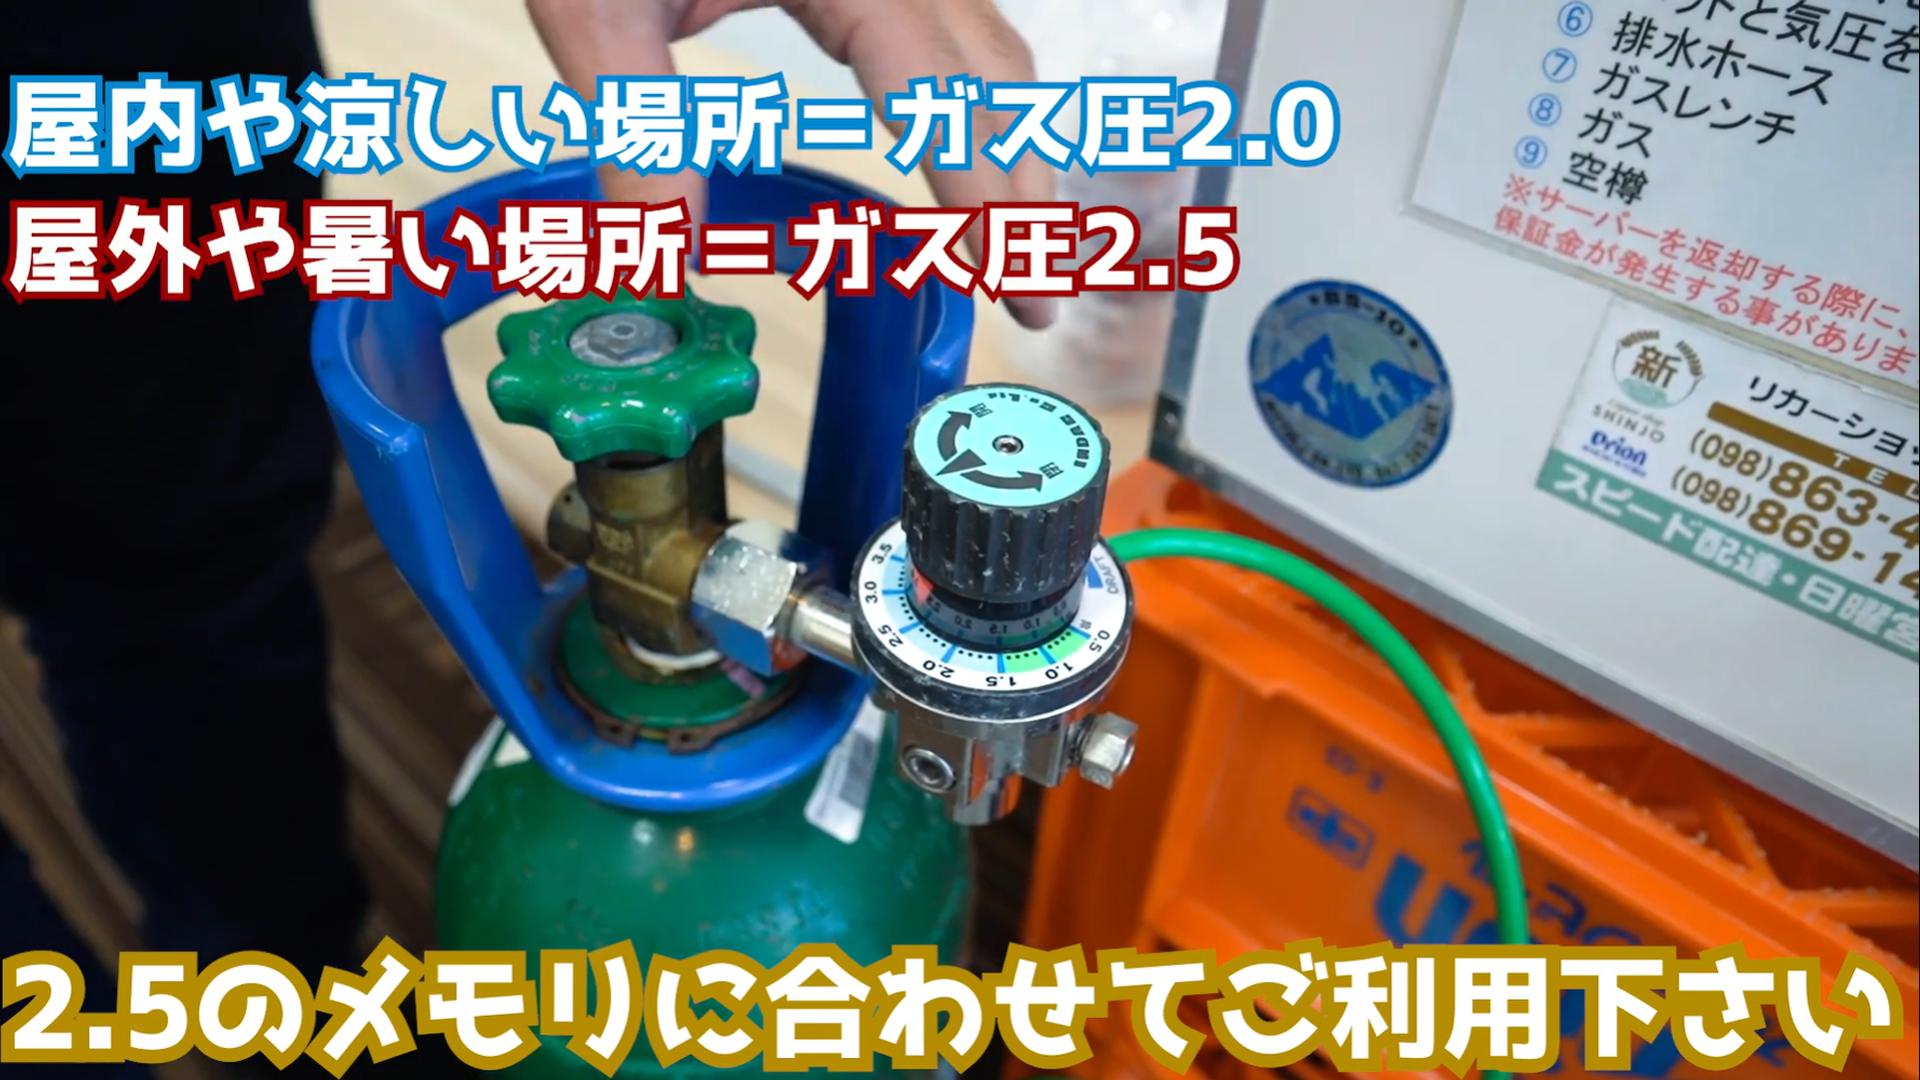 ガス圧の説明